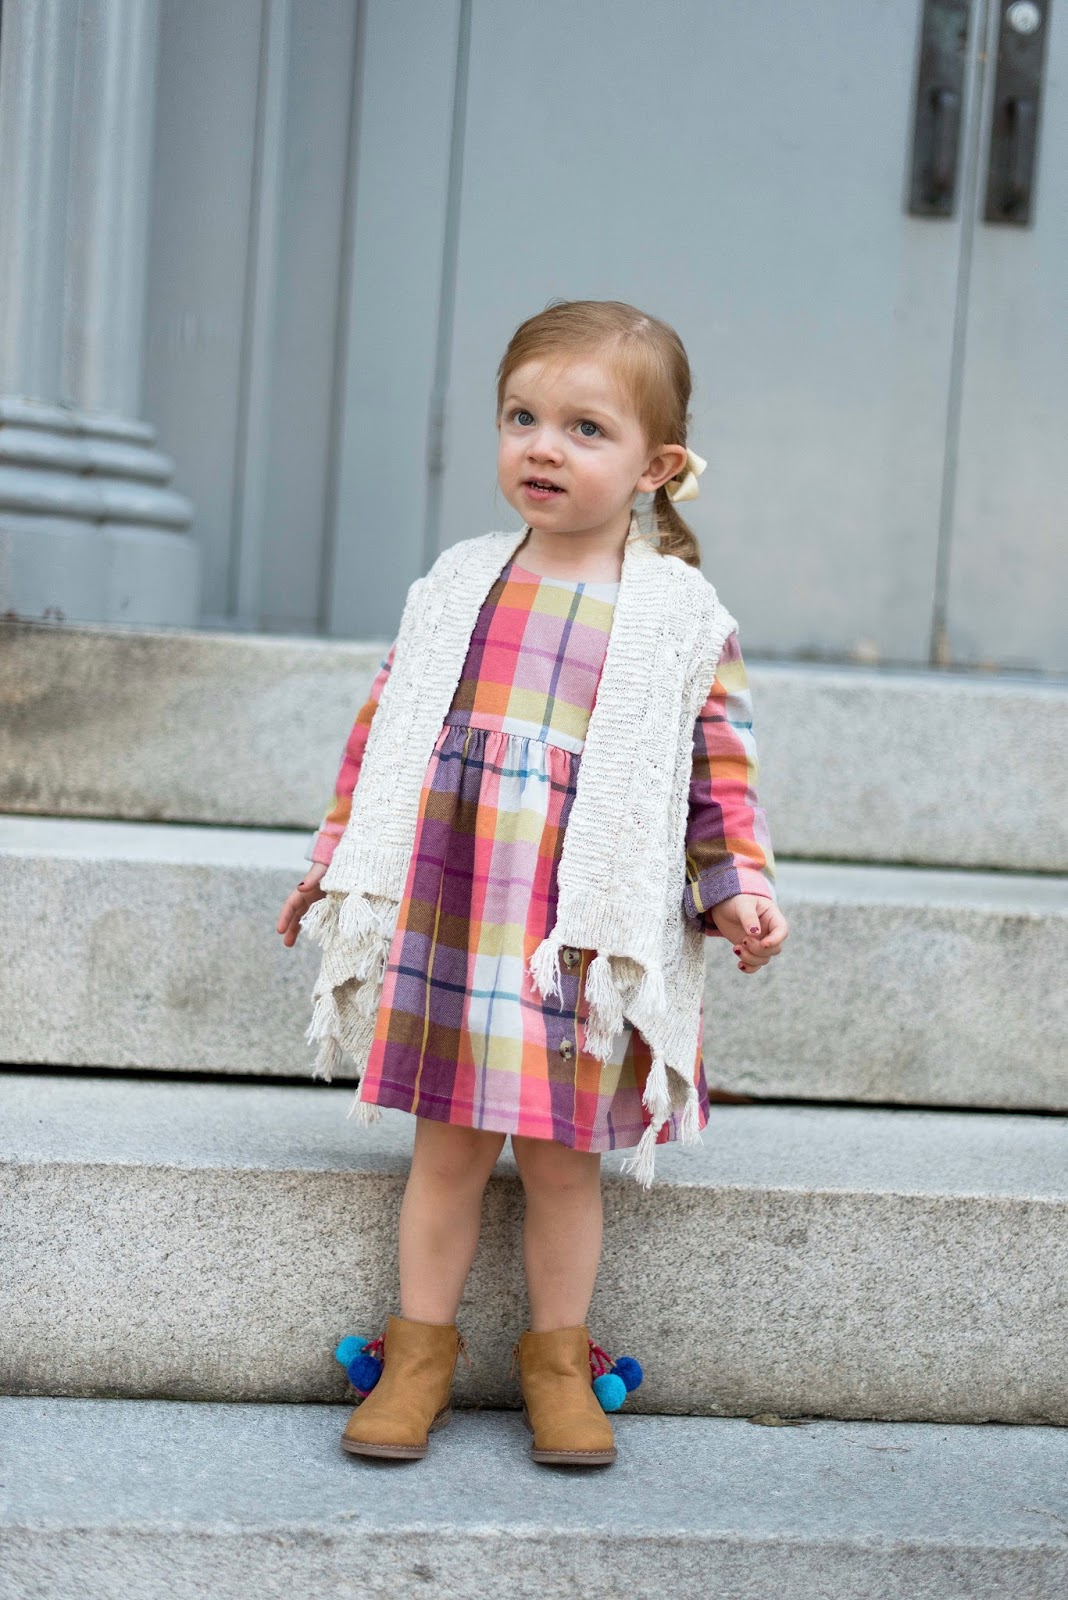 Toddler Fashion: Plaid Flannel Dress + Tassel Vest - Something Delightful Blog